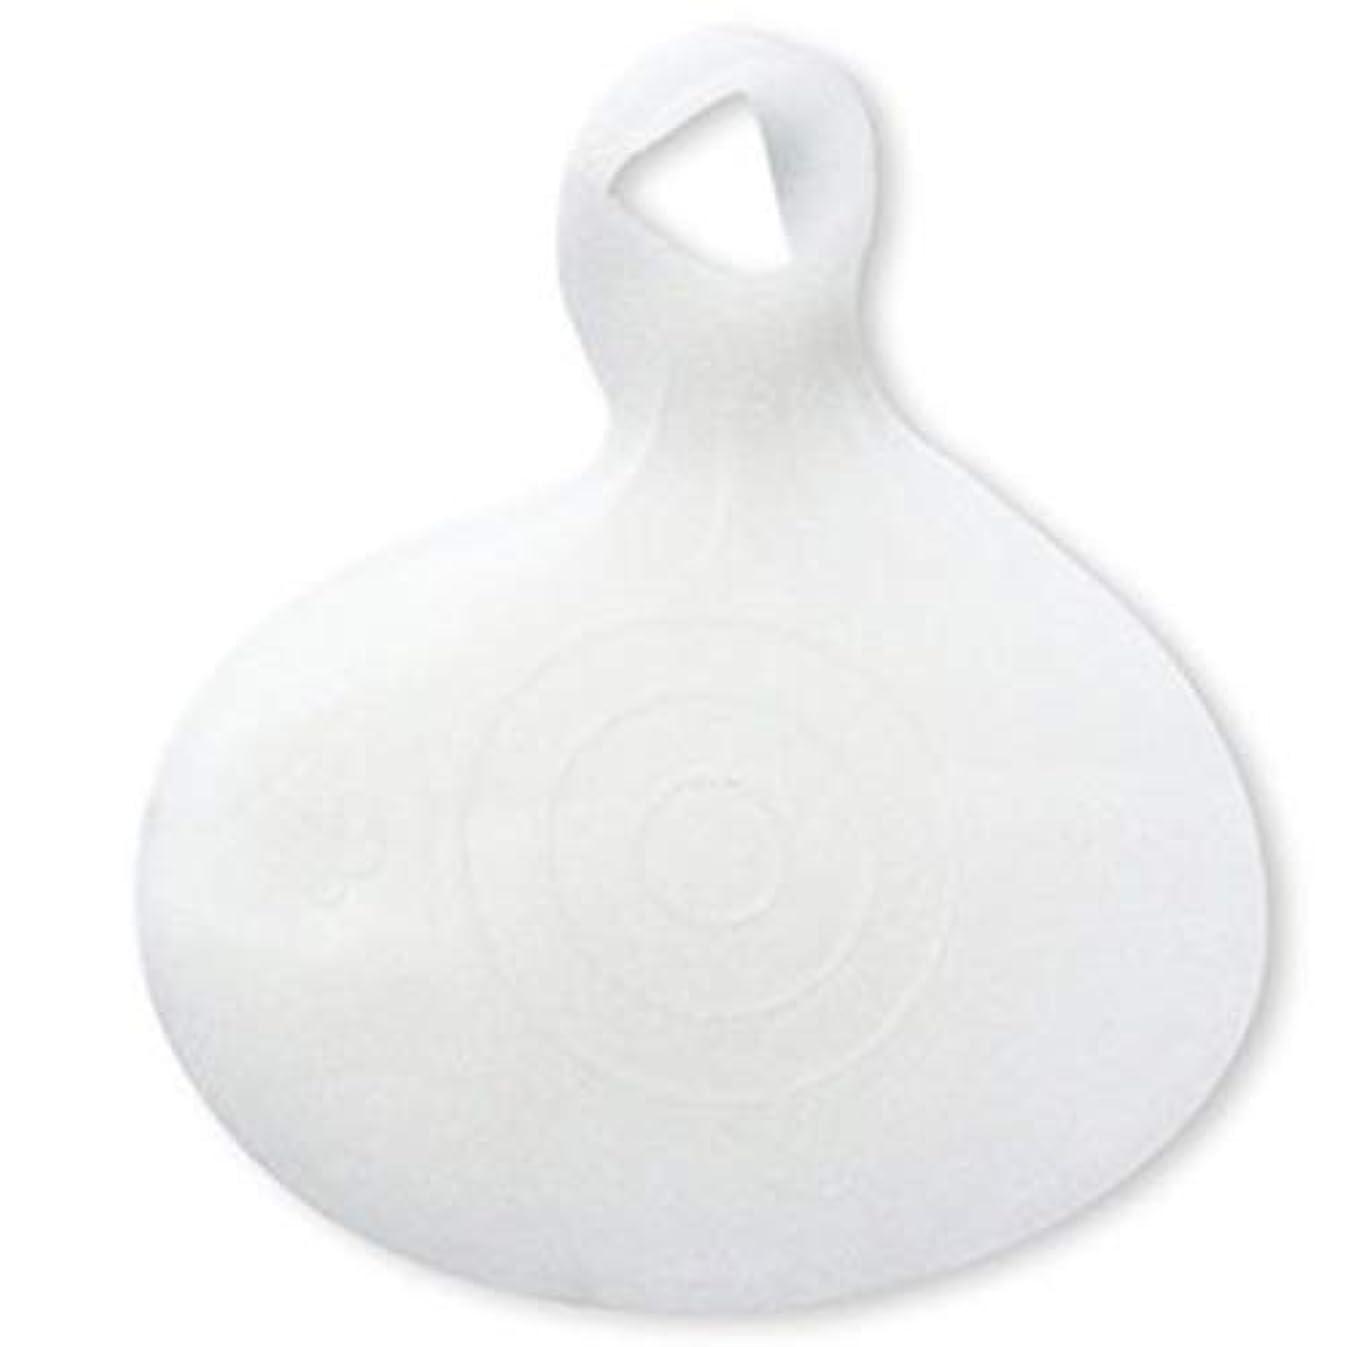 十分無限革新Bixiangji 1ペアシリコンインソールフロントフットパッドハイヒールシューズ滑り止めジェルパッド (Color : 白)